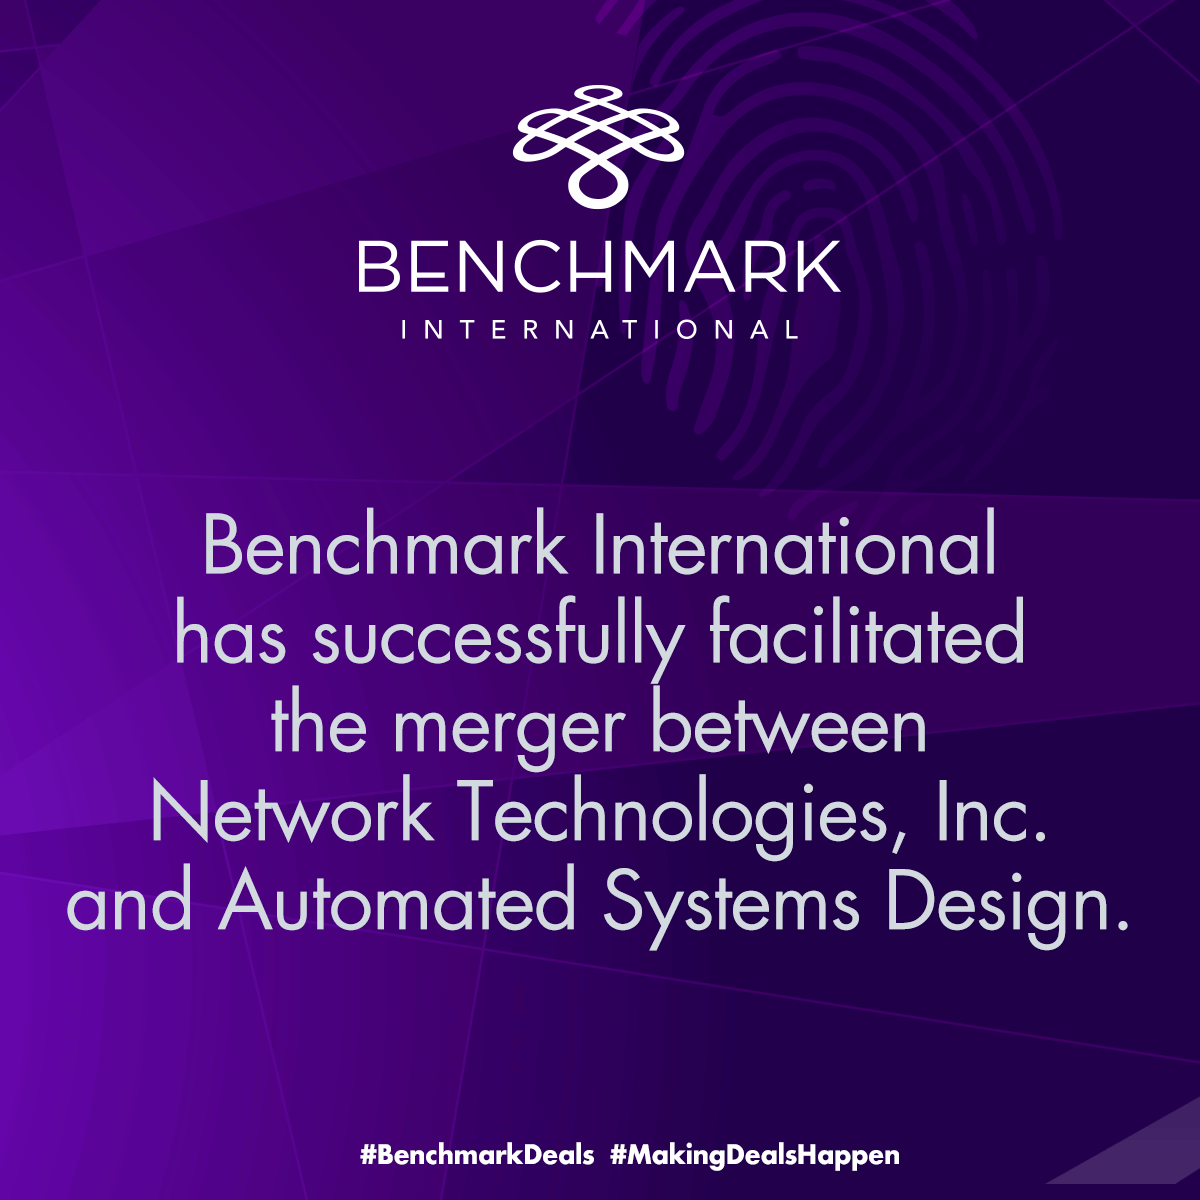 Benchmark-Deals_NTI_social